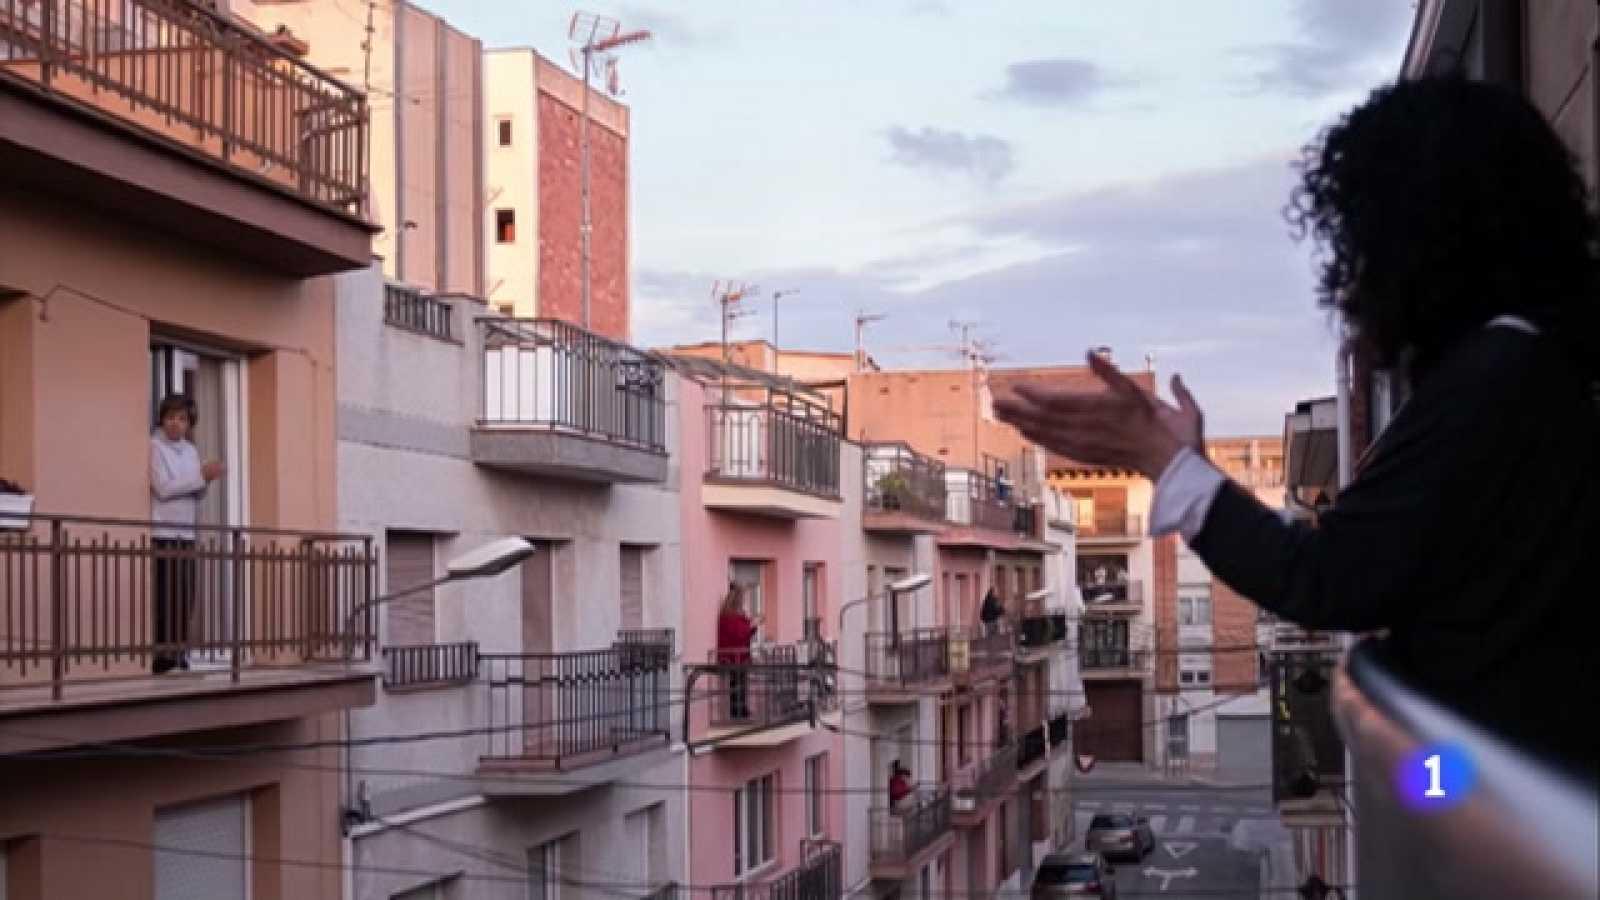 Un any des del confinament a Igualada